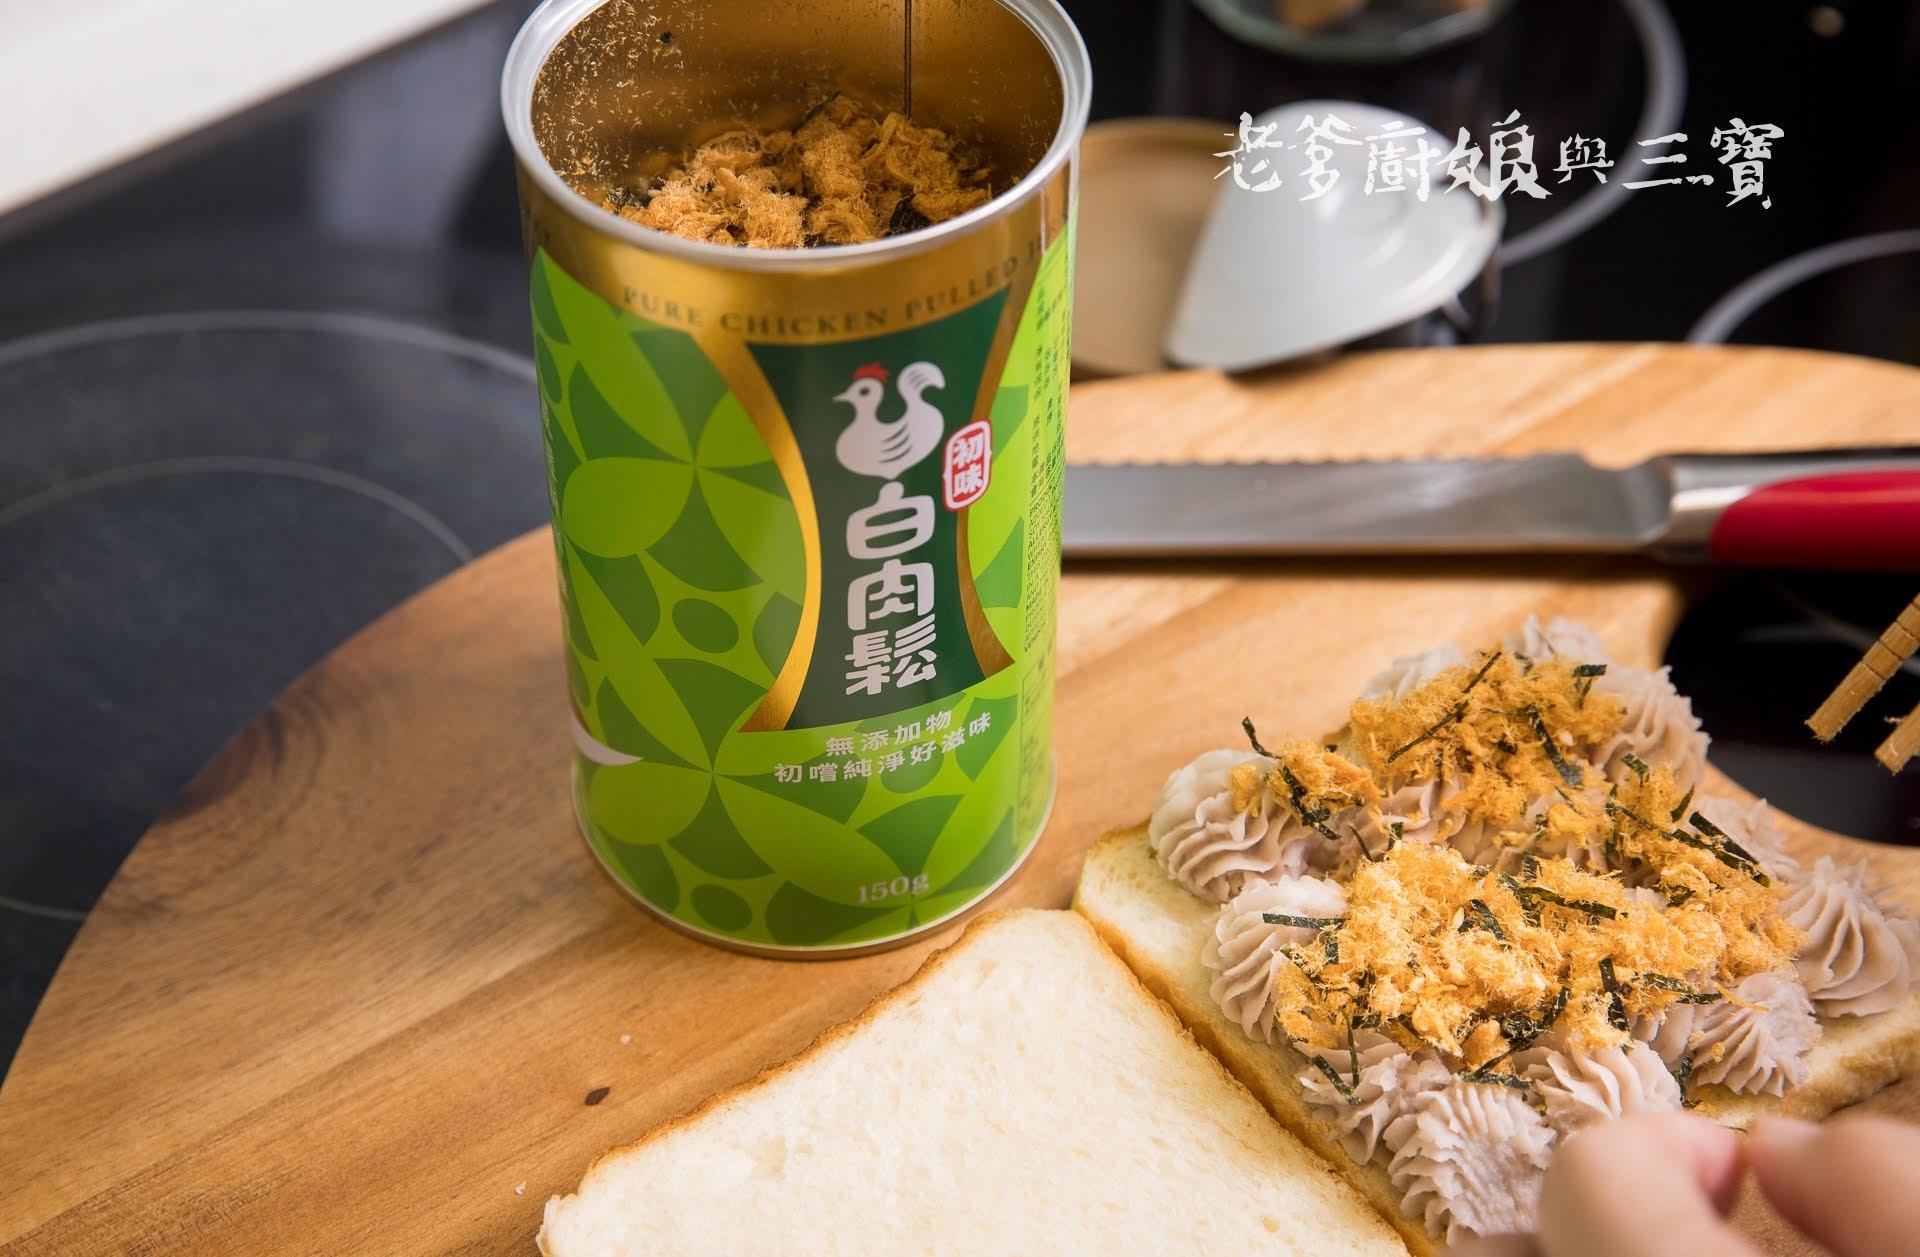 有老友送來的「初味白肉鬆-元氣海苔」,當然好好來頓早餐囉!